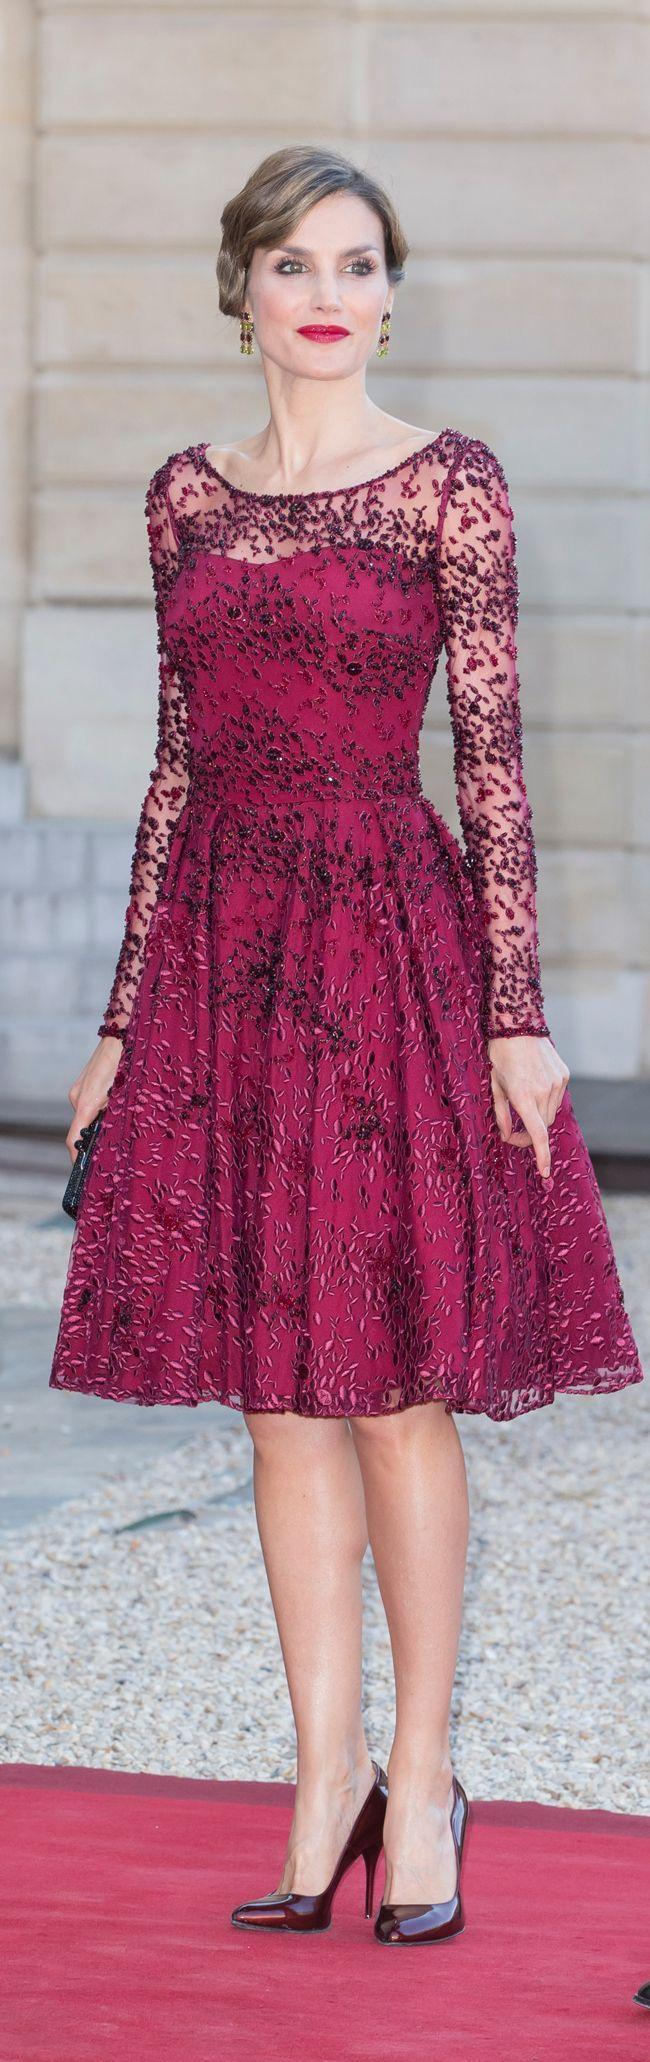 [Código: LETIZIA 0199] Su Majestad la Reina Doña Letizia